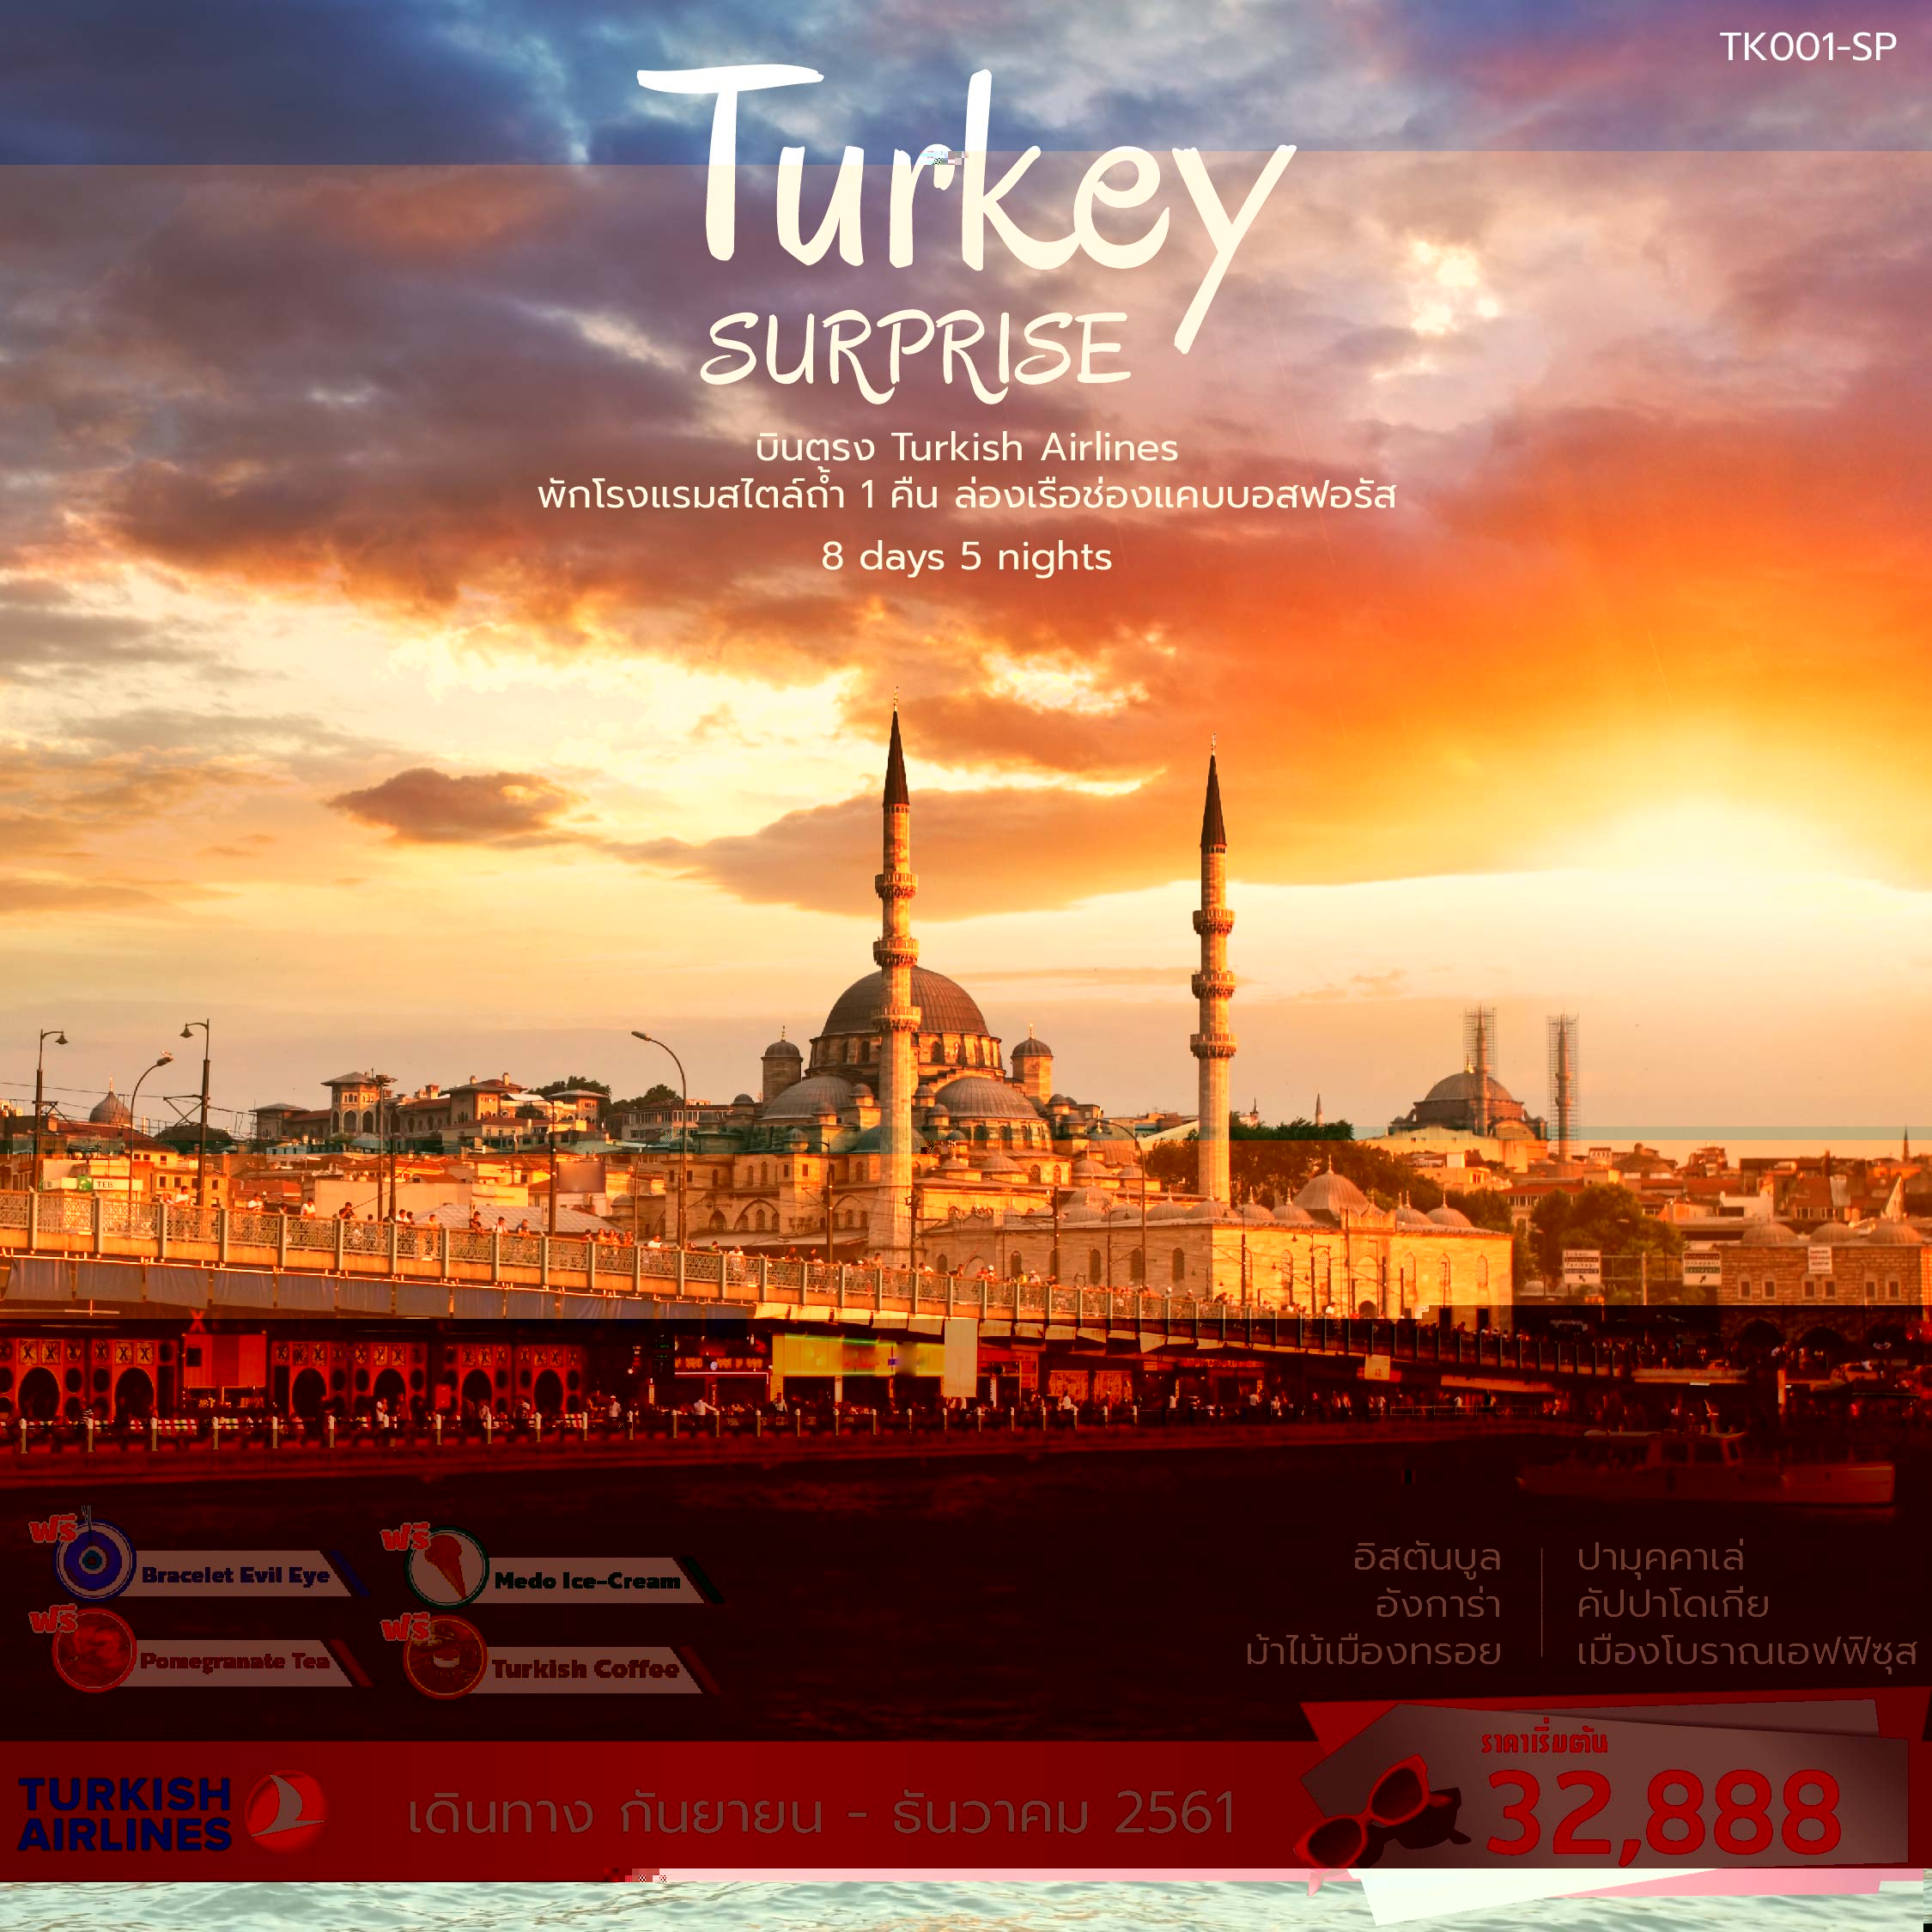 ตุรกี (Turkey Surprise) 8 วัน 5 คืน